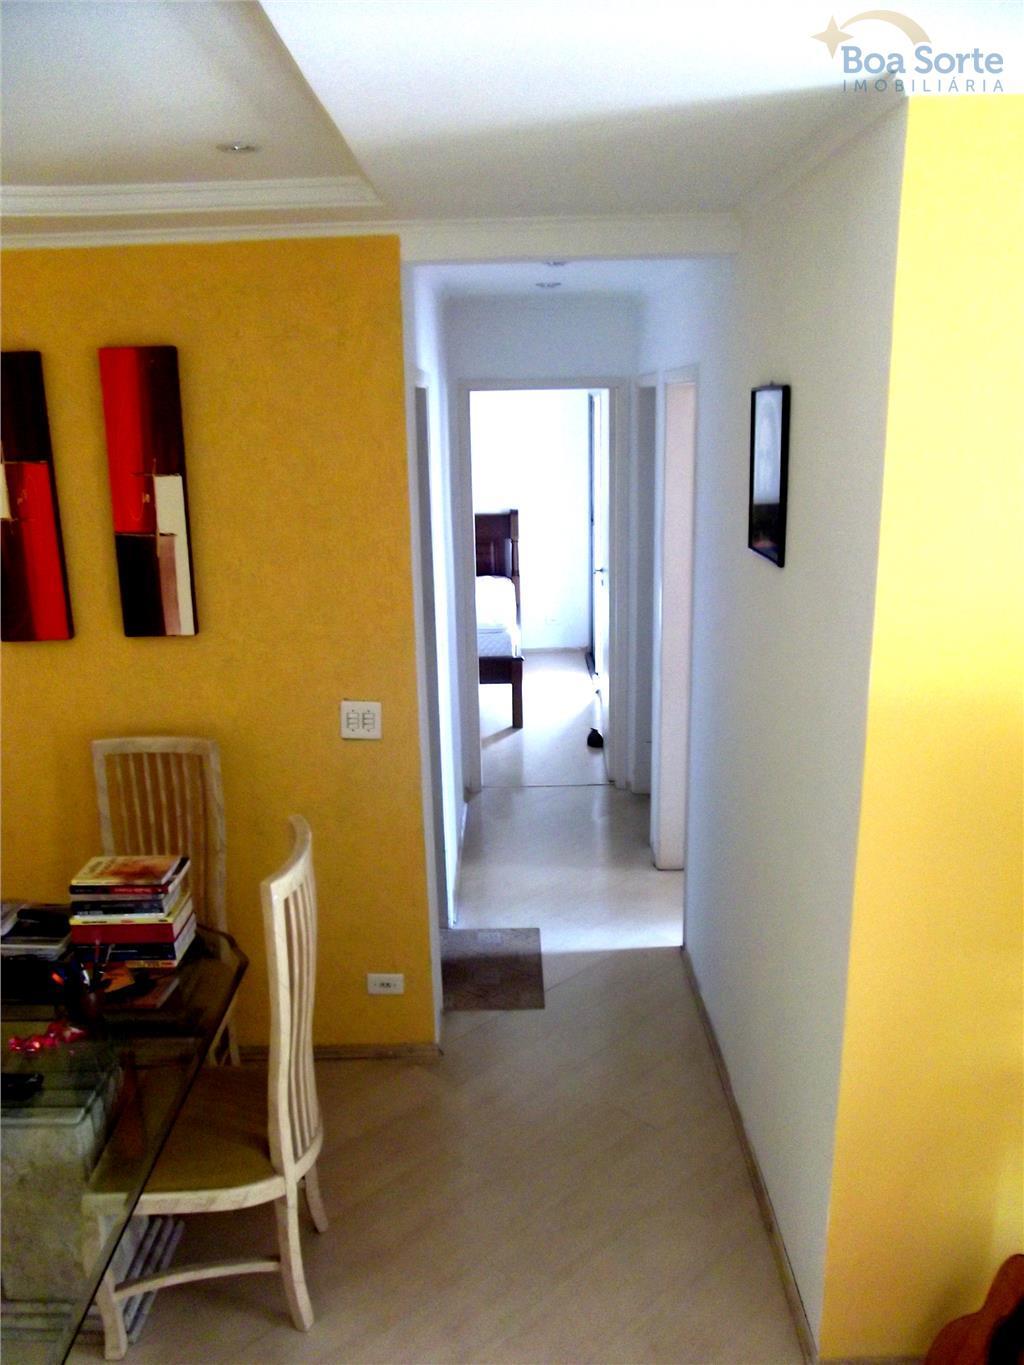 ótima oportunidade! apartamento com 78 m² sendo três dormitórios (uma suíte), sala dois ambientes, cozinha, área...